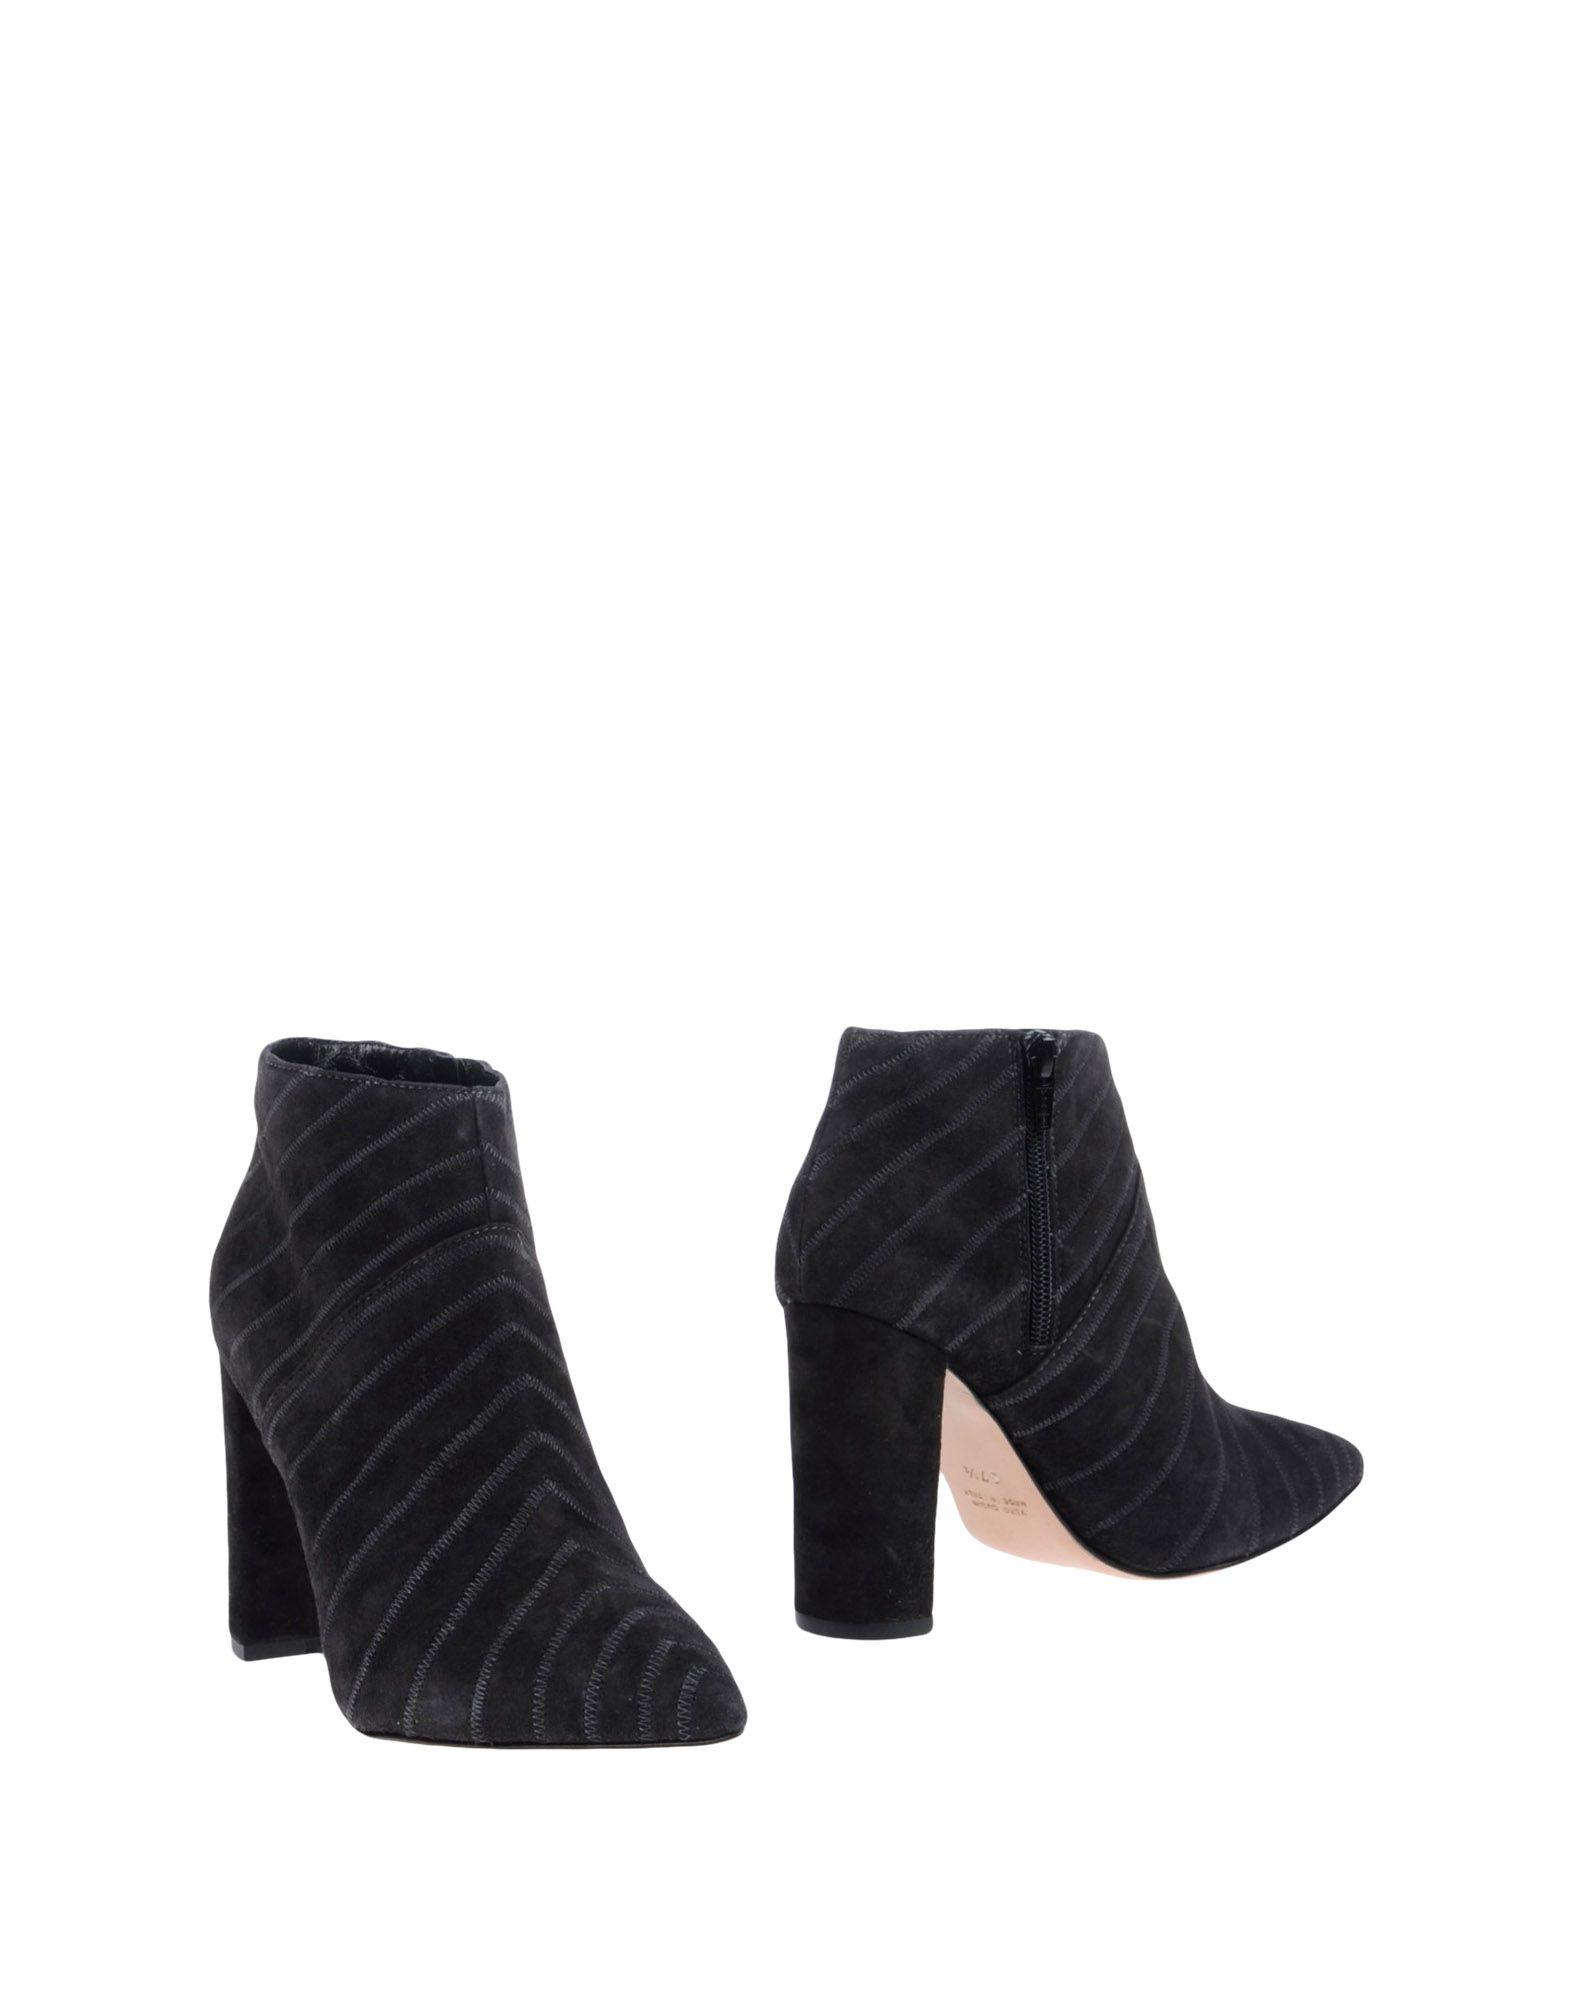 MICHELEDILOCO Полусапоги и высокие ботинки цены онлайн